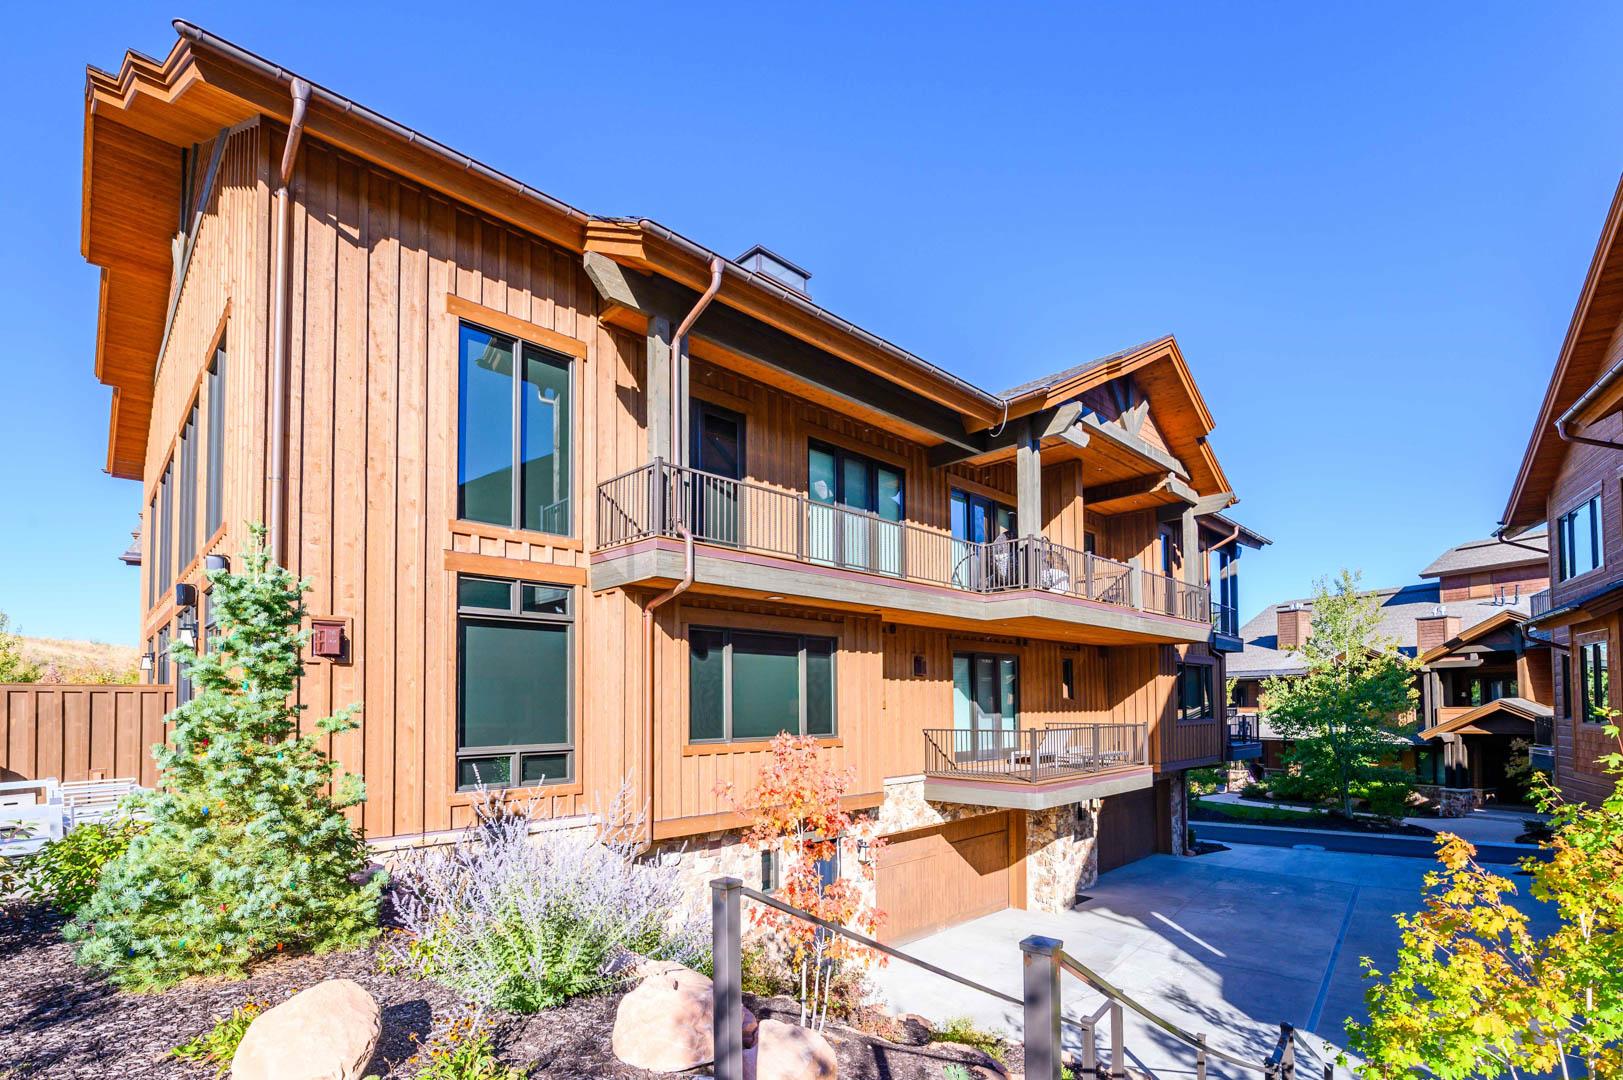 4255-Willow-Draw-Road-501-Daimon-Bushi-Windermere-Utah-Park-City-36